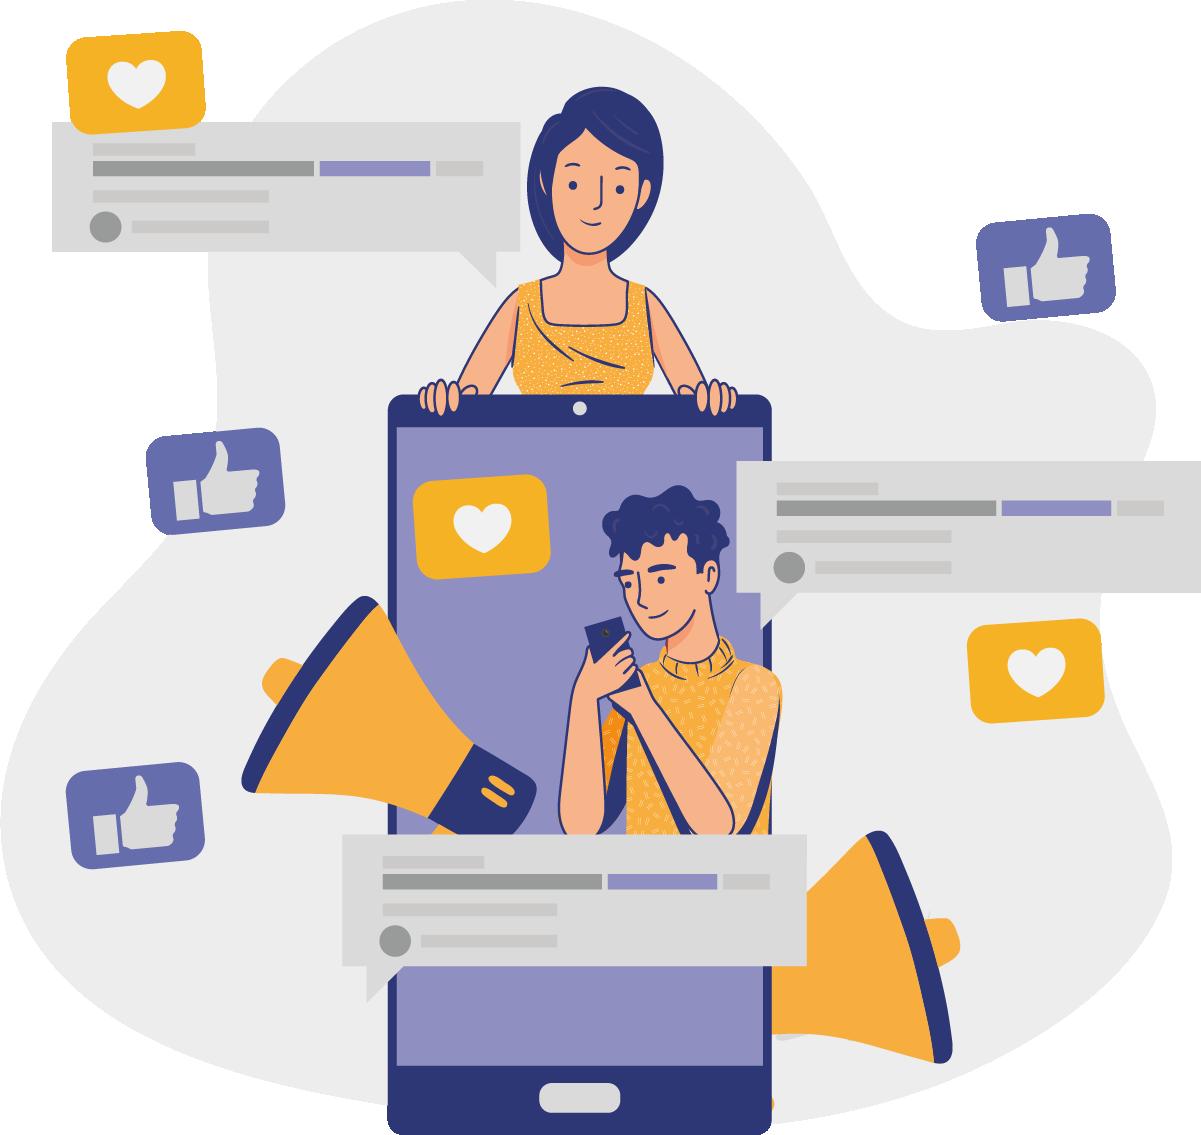 Para convencer o cliente a comprar de você, esteja nas redes sociais.